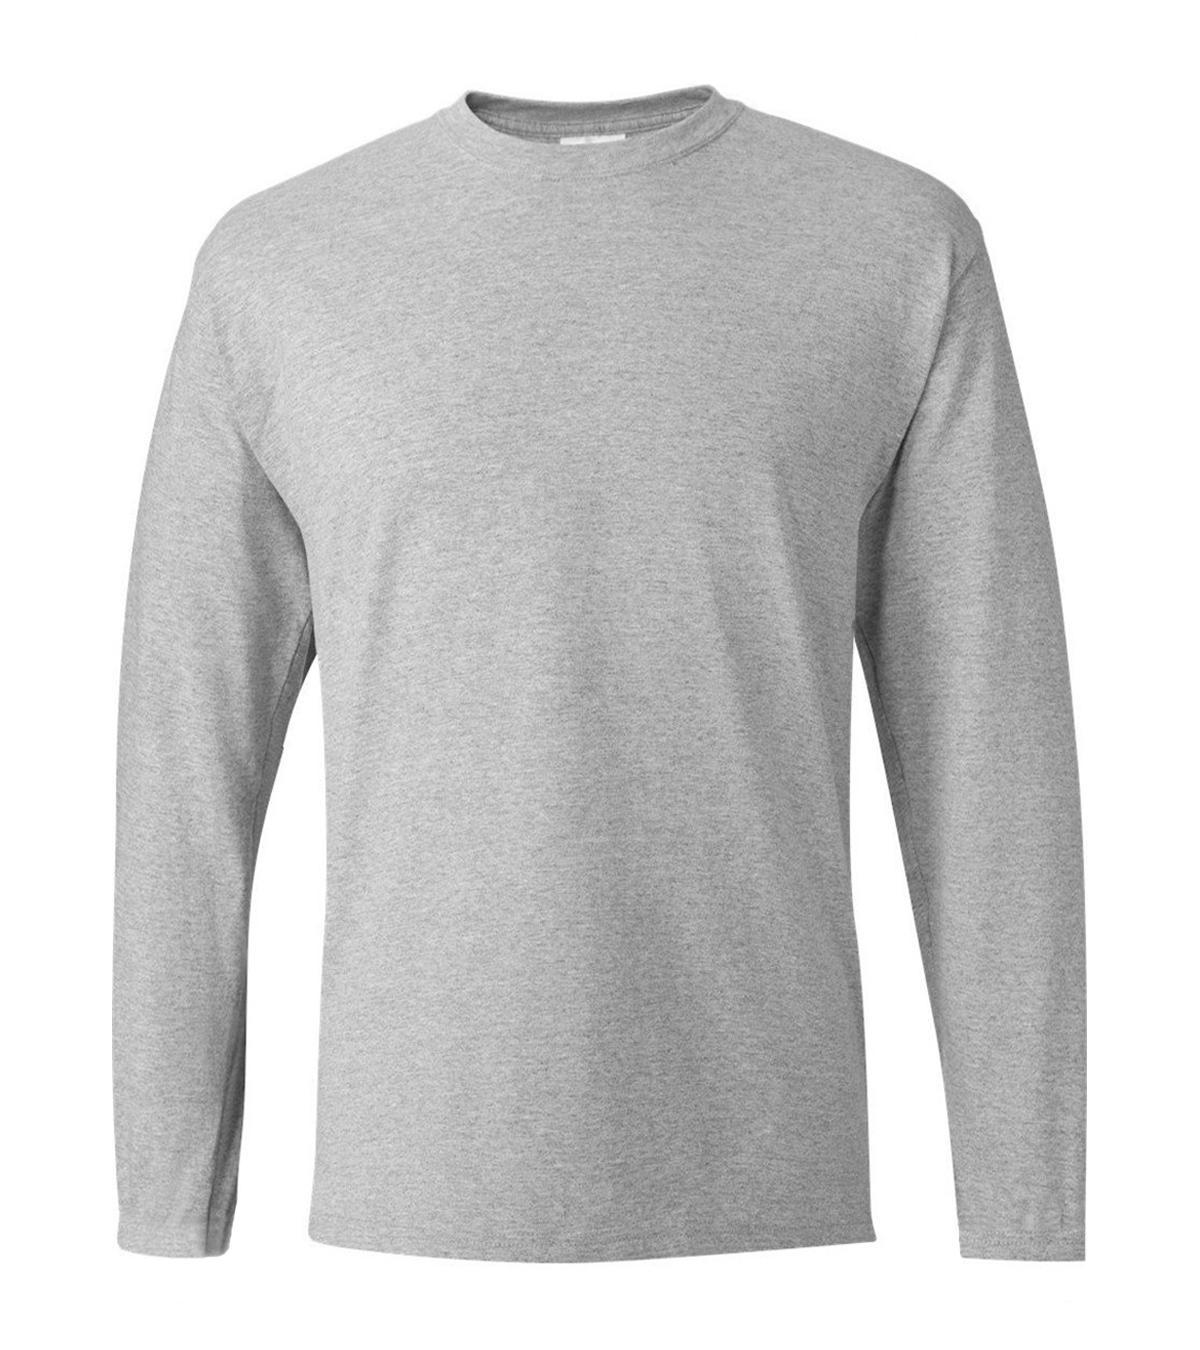 Твердые футболки с длинным рукавом для мужчин 2019 Горячая осень хлопок повседневные футболки Blant Черный Белый Серый Красный Темно-синий Мужская одежда бренда